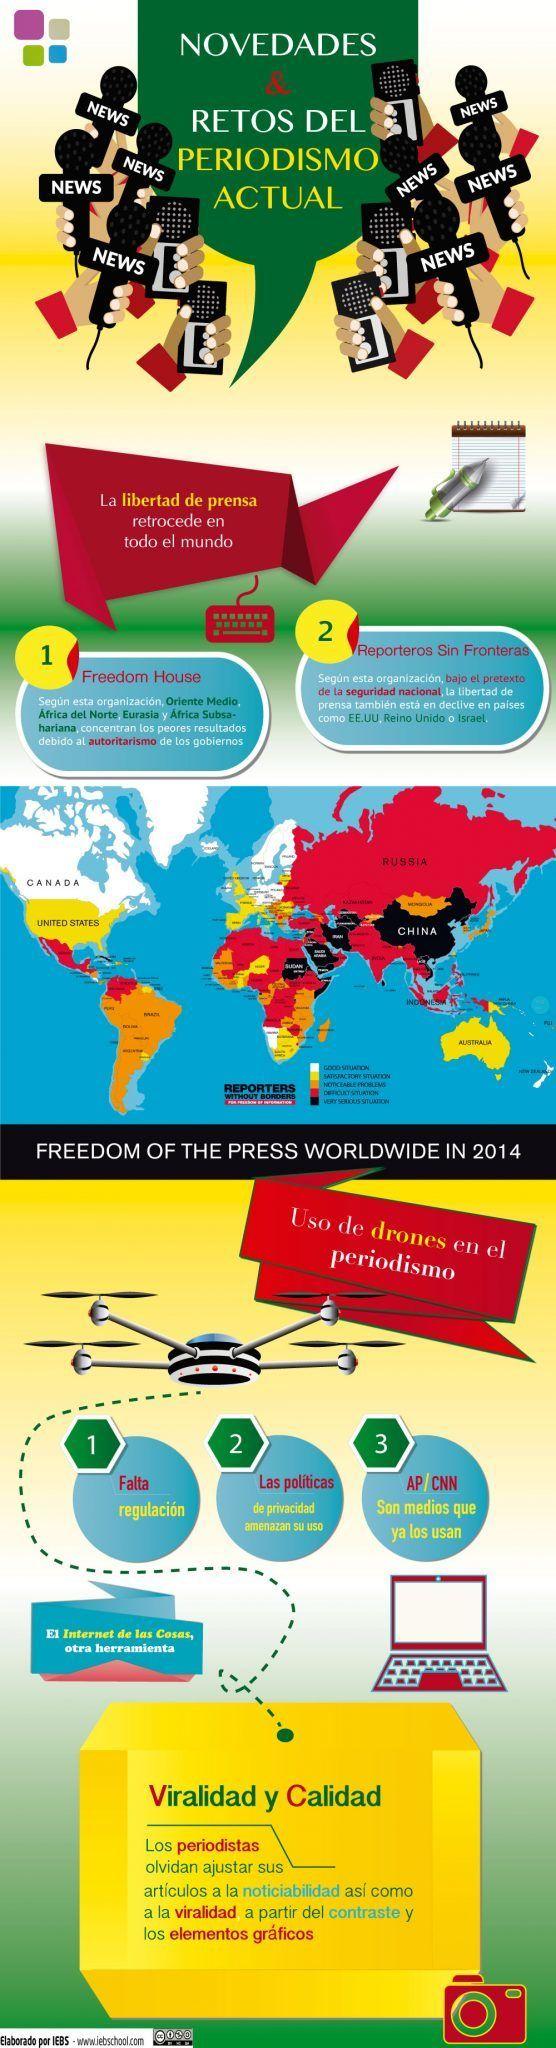 Novedades y retos del periodismo actual